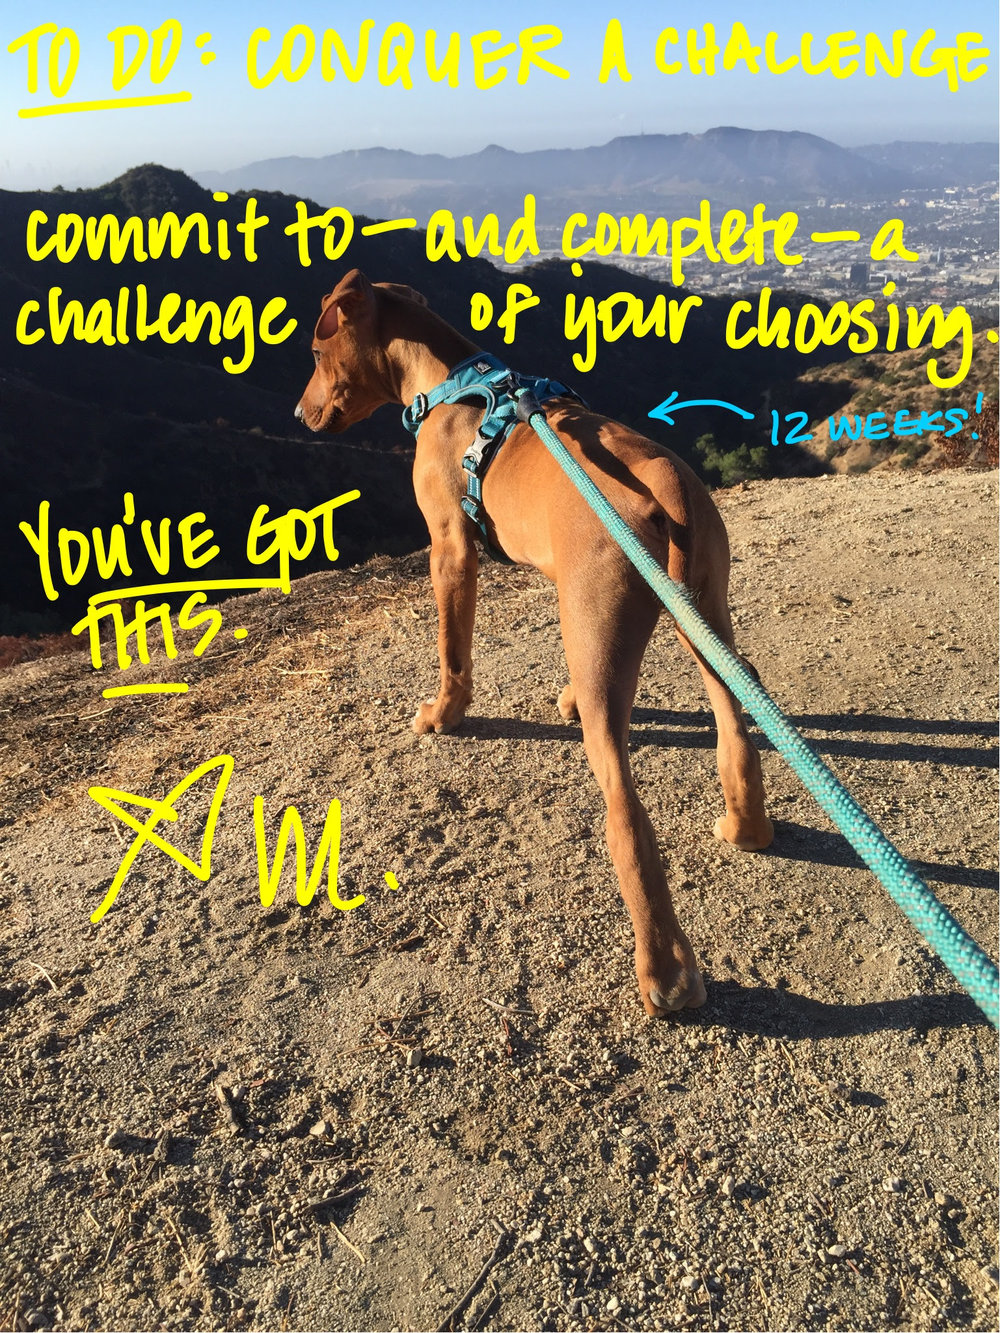 challenge-note.jpg